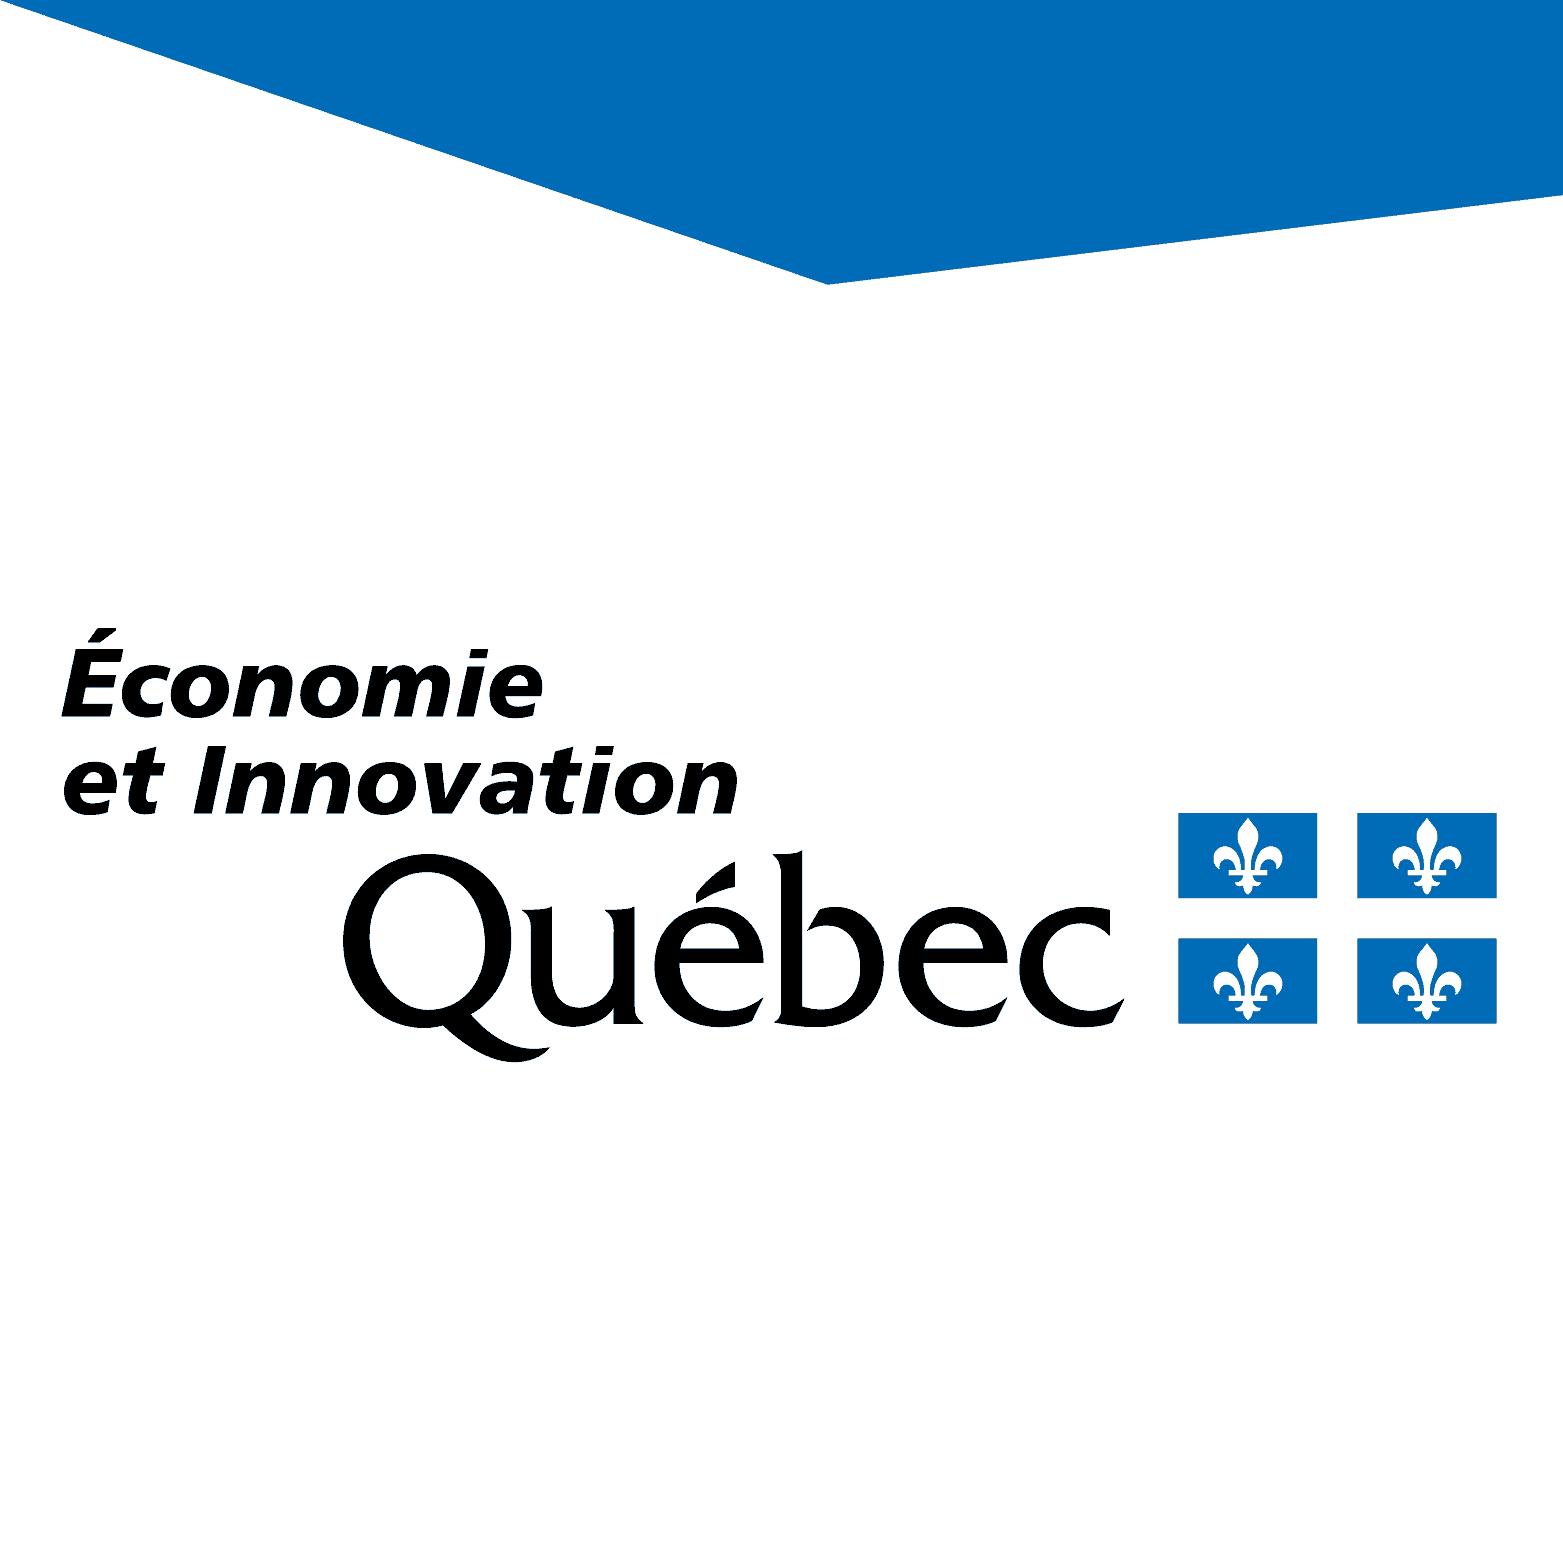 Économie et innovation Québec